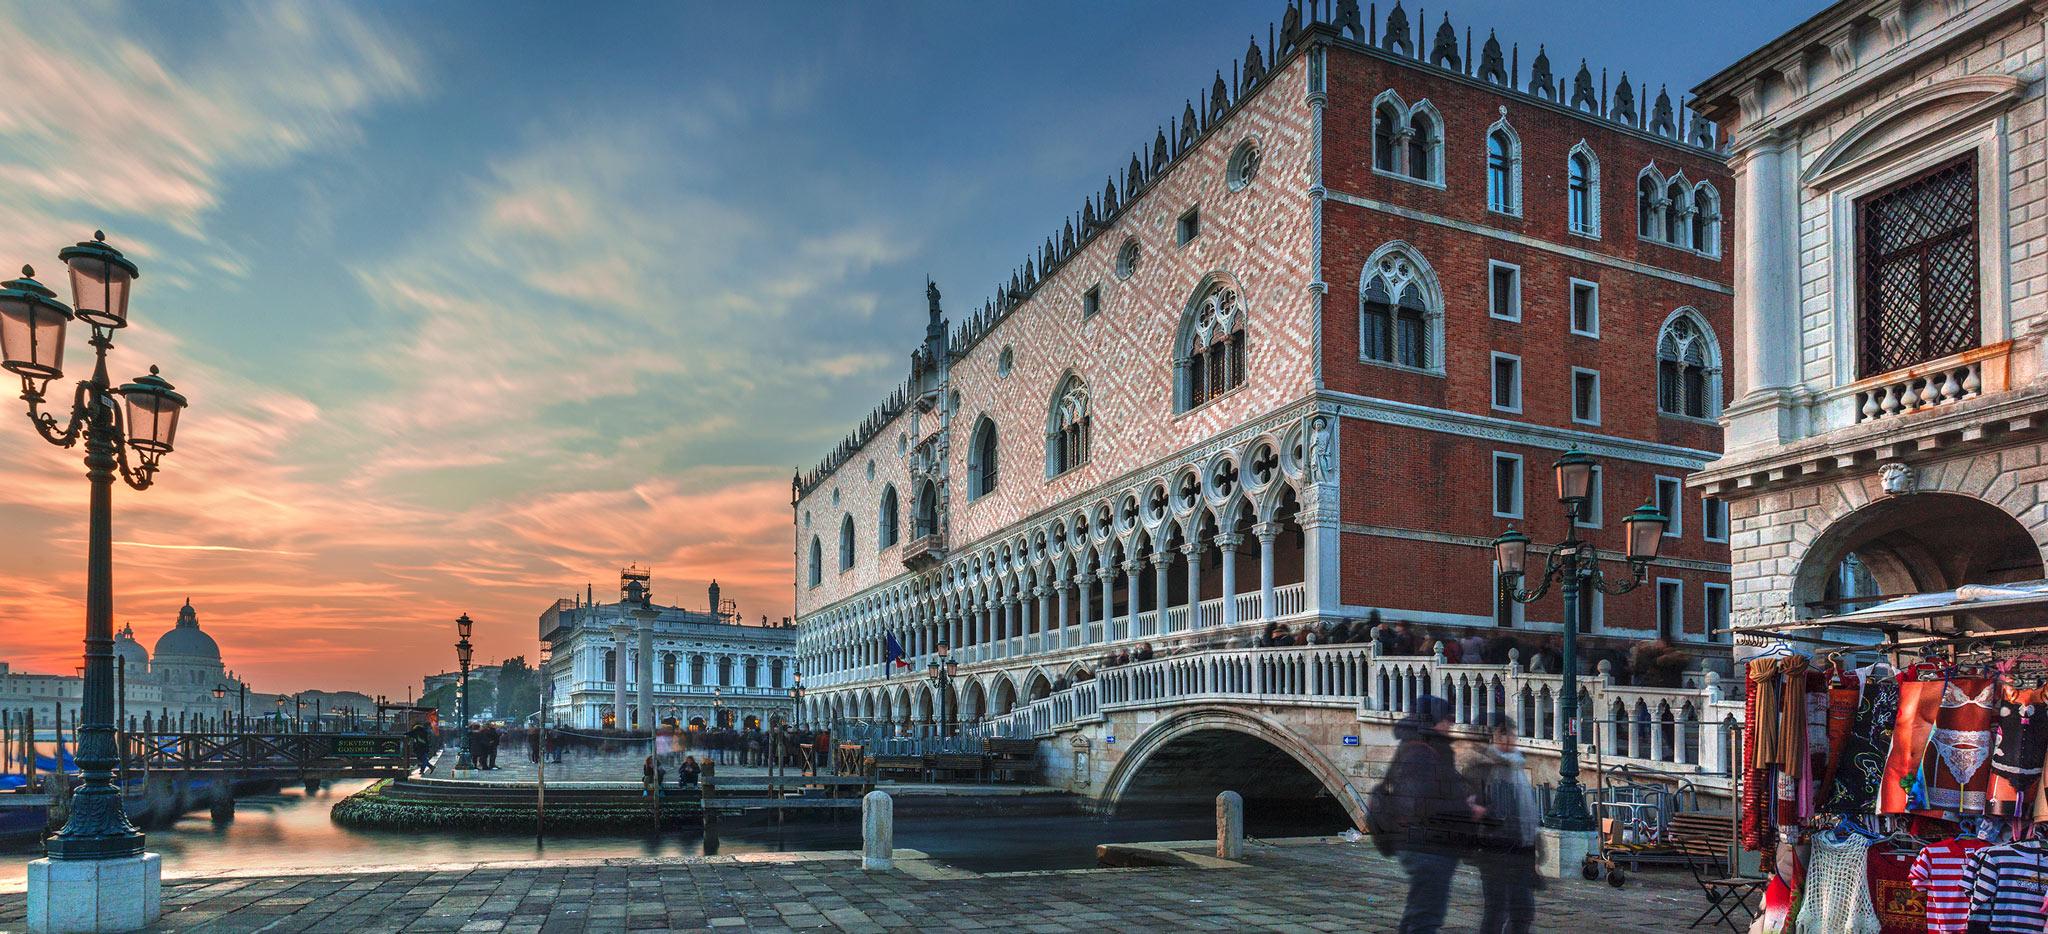 Paesaggi-Italia - DSC 5443 1 - DSC_5443 -